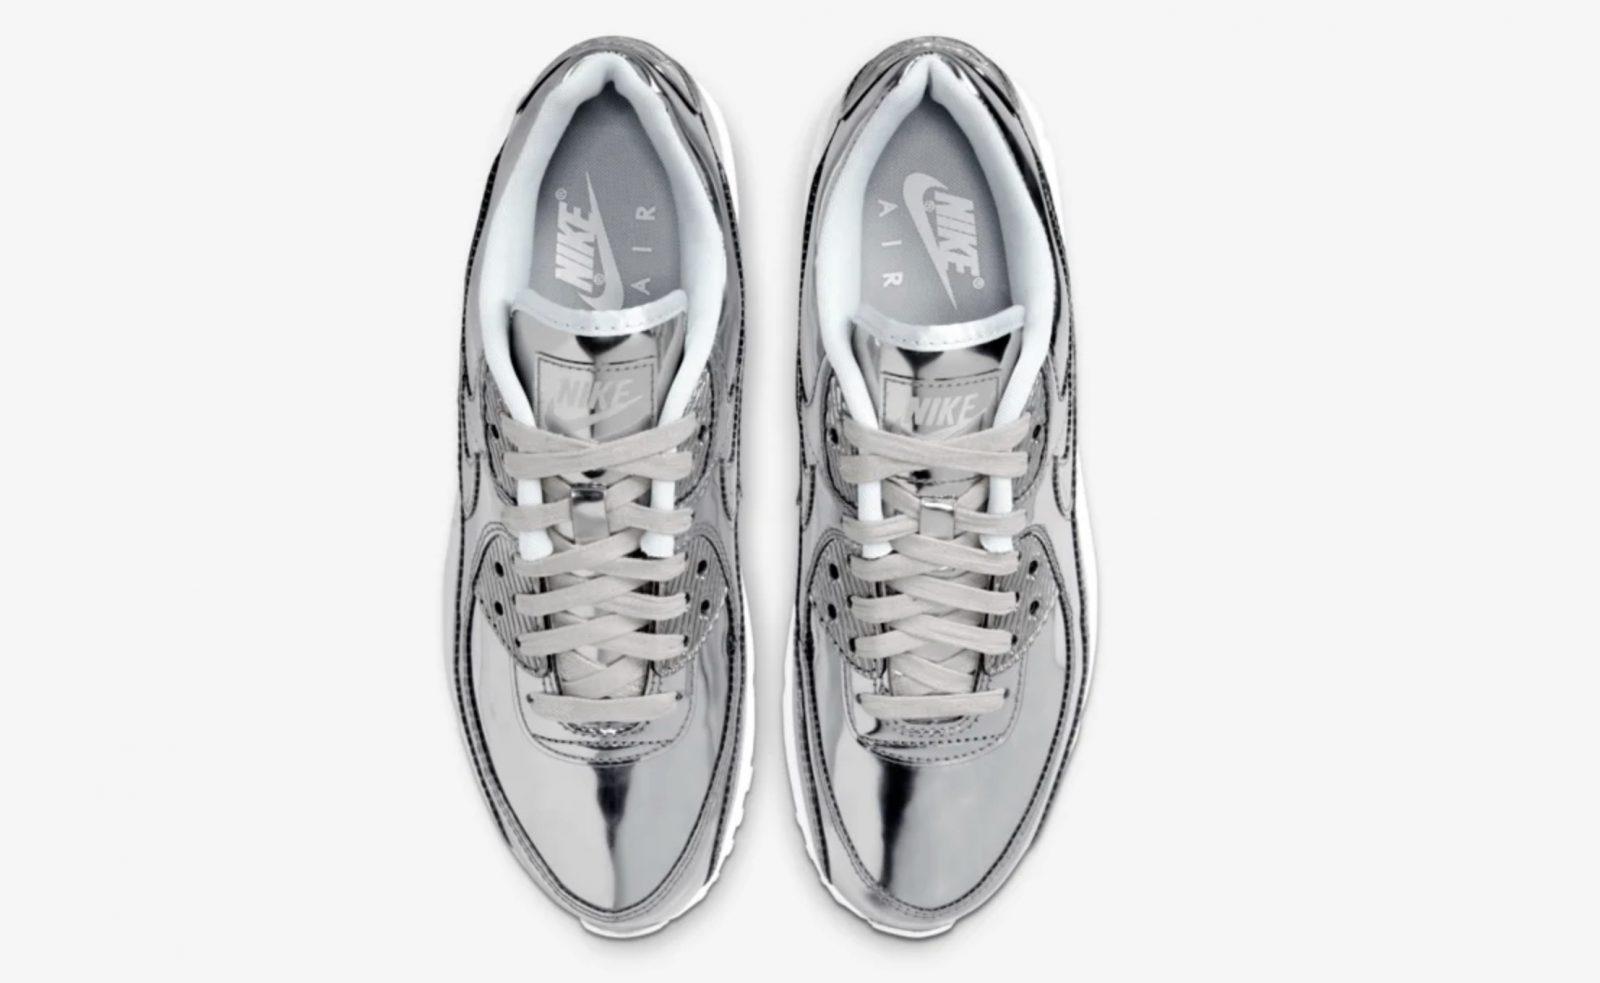 Nike Air Max 90 Liquid Metal Silver Chrome laces